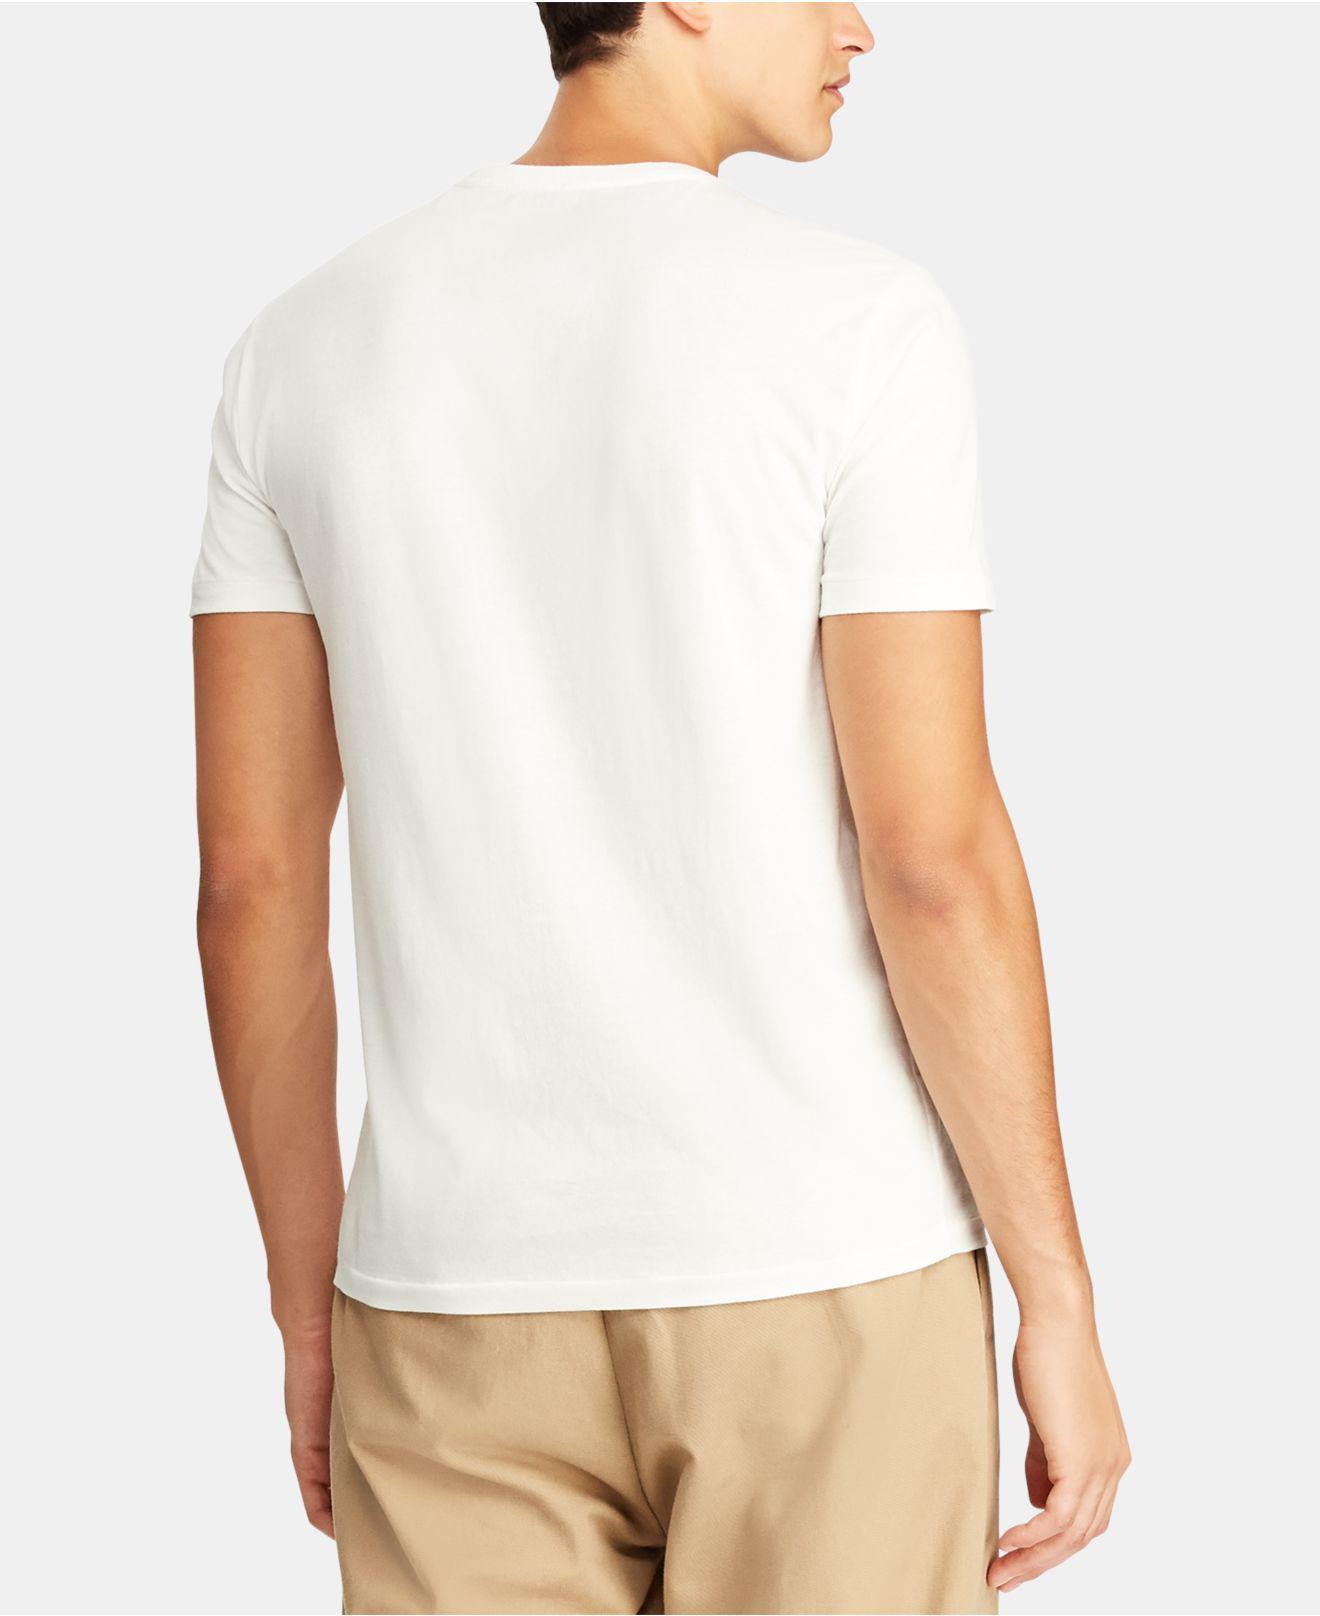 5fe87b43dbd31 Lyst - Polo Ralph Lauren Custom Slim Fit Cotton T-shirt in White for Men